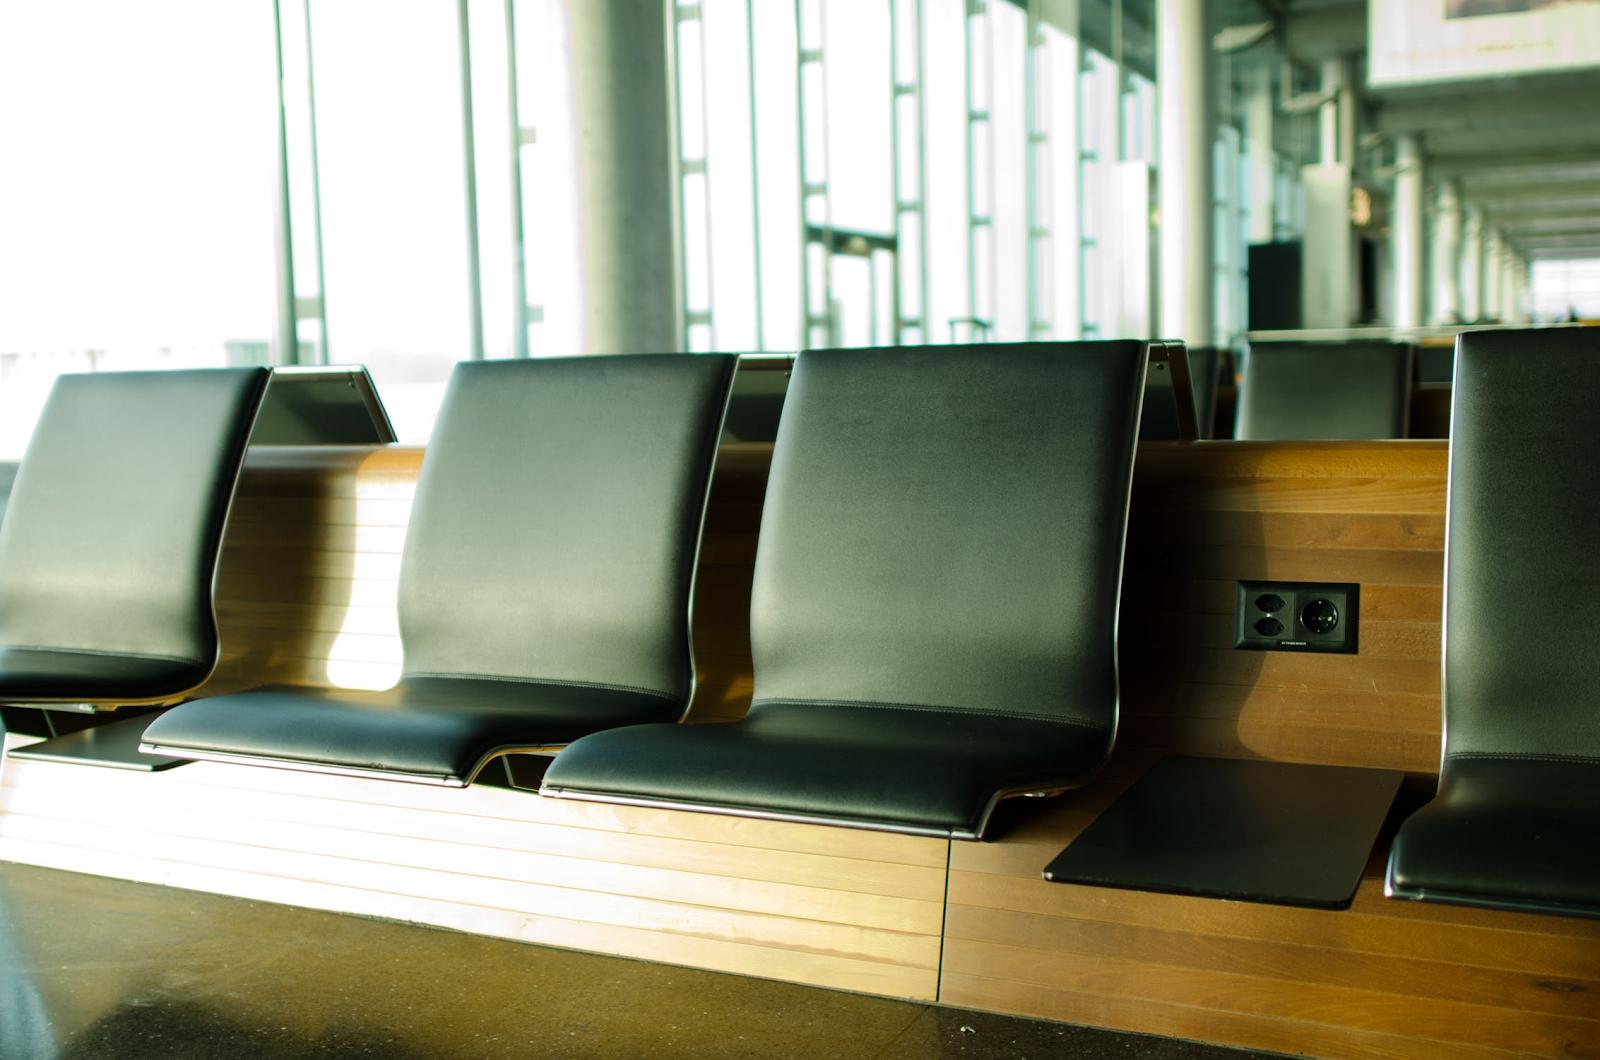 seats at an airport